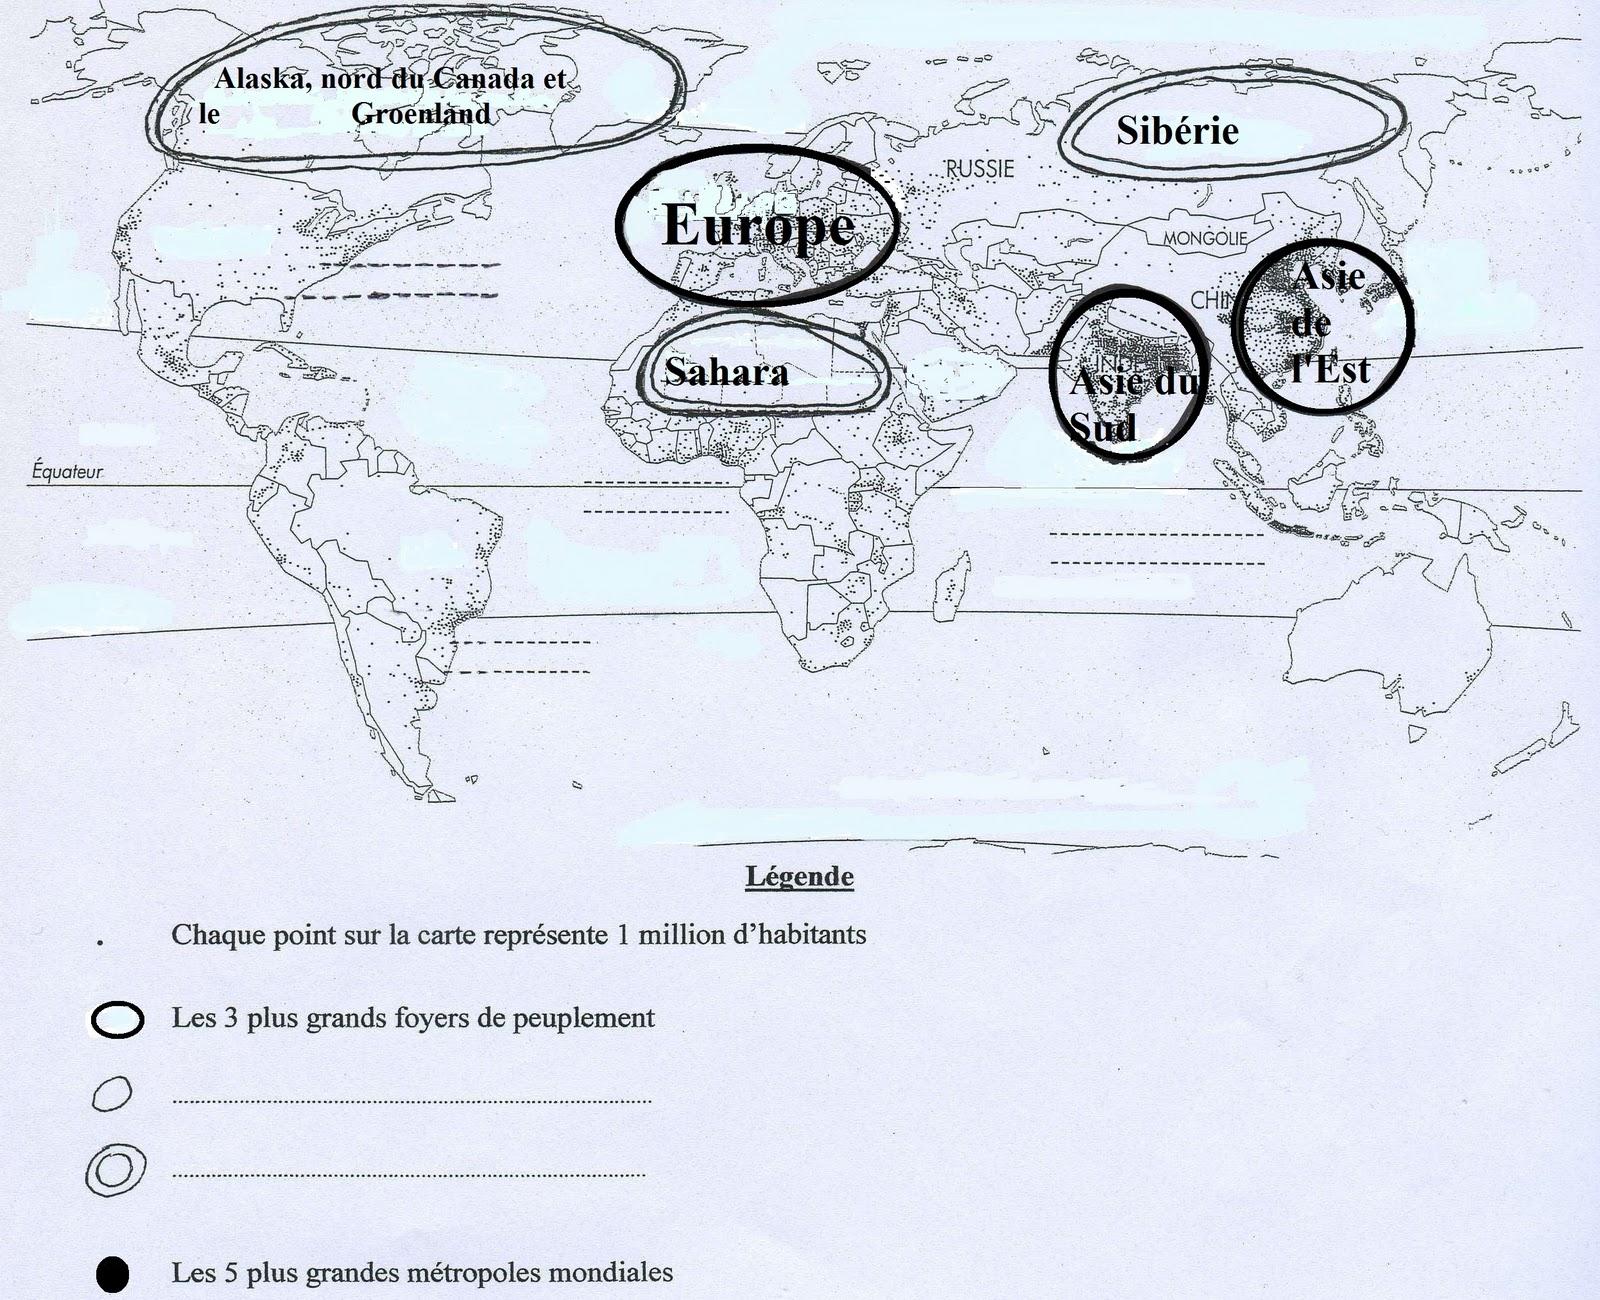 Carte Des Grand Foyer De Peuplement : Cours �me g�ographie chapitre ii o�